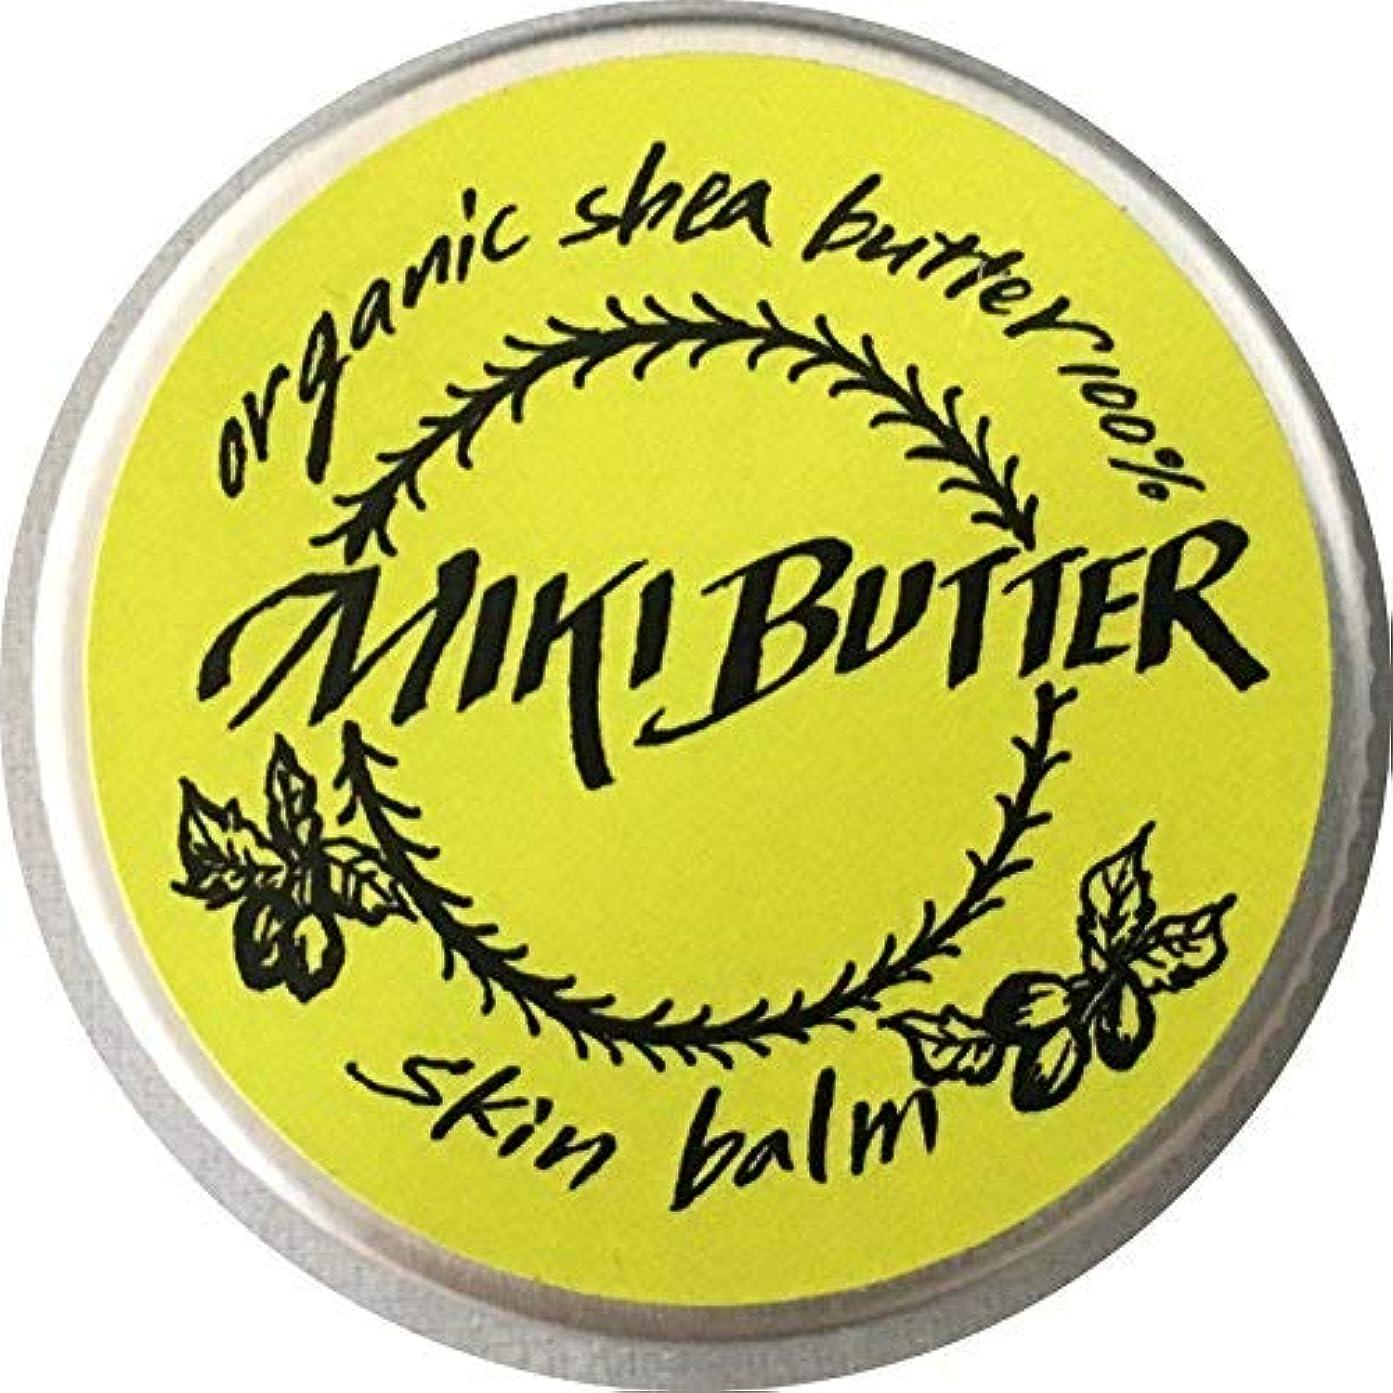 爆発するペイントラメ100% 天然 未精製シアバター ミキバター (パール柑, 45)